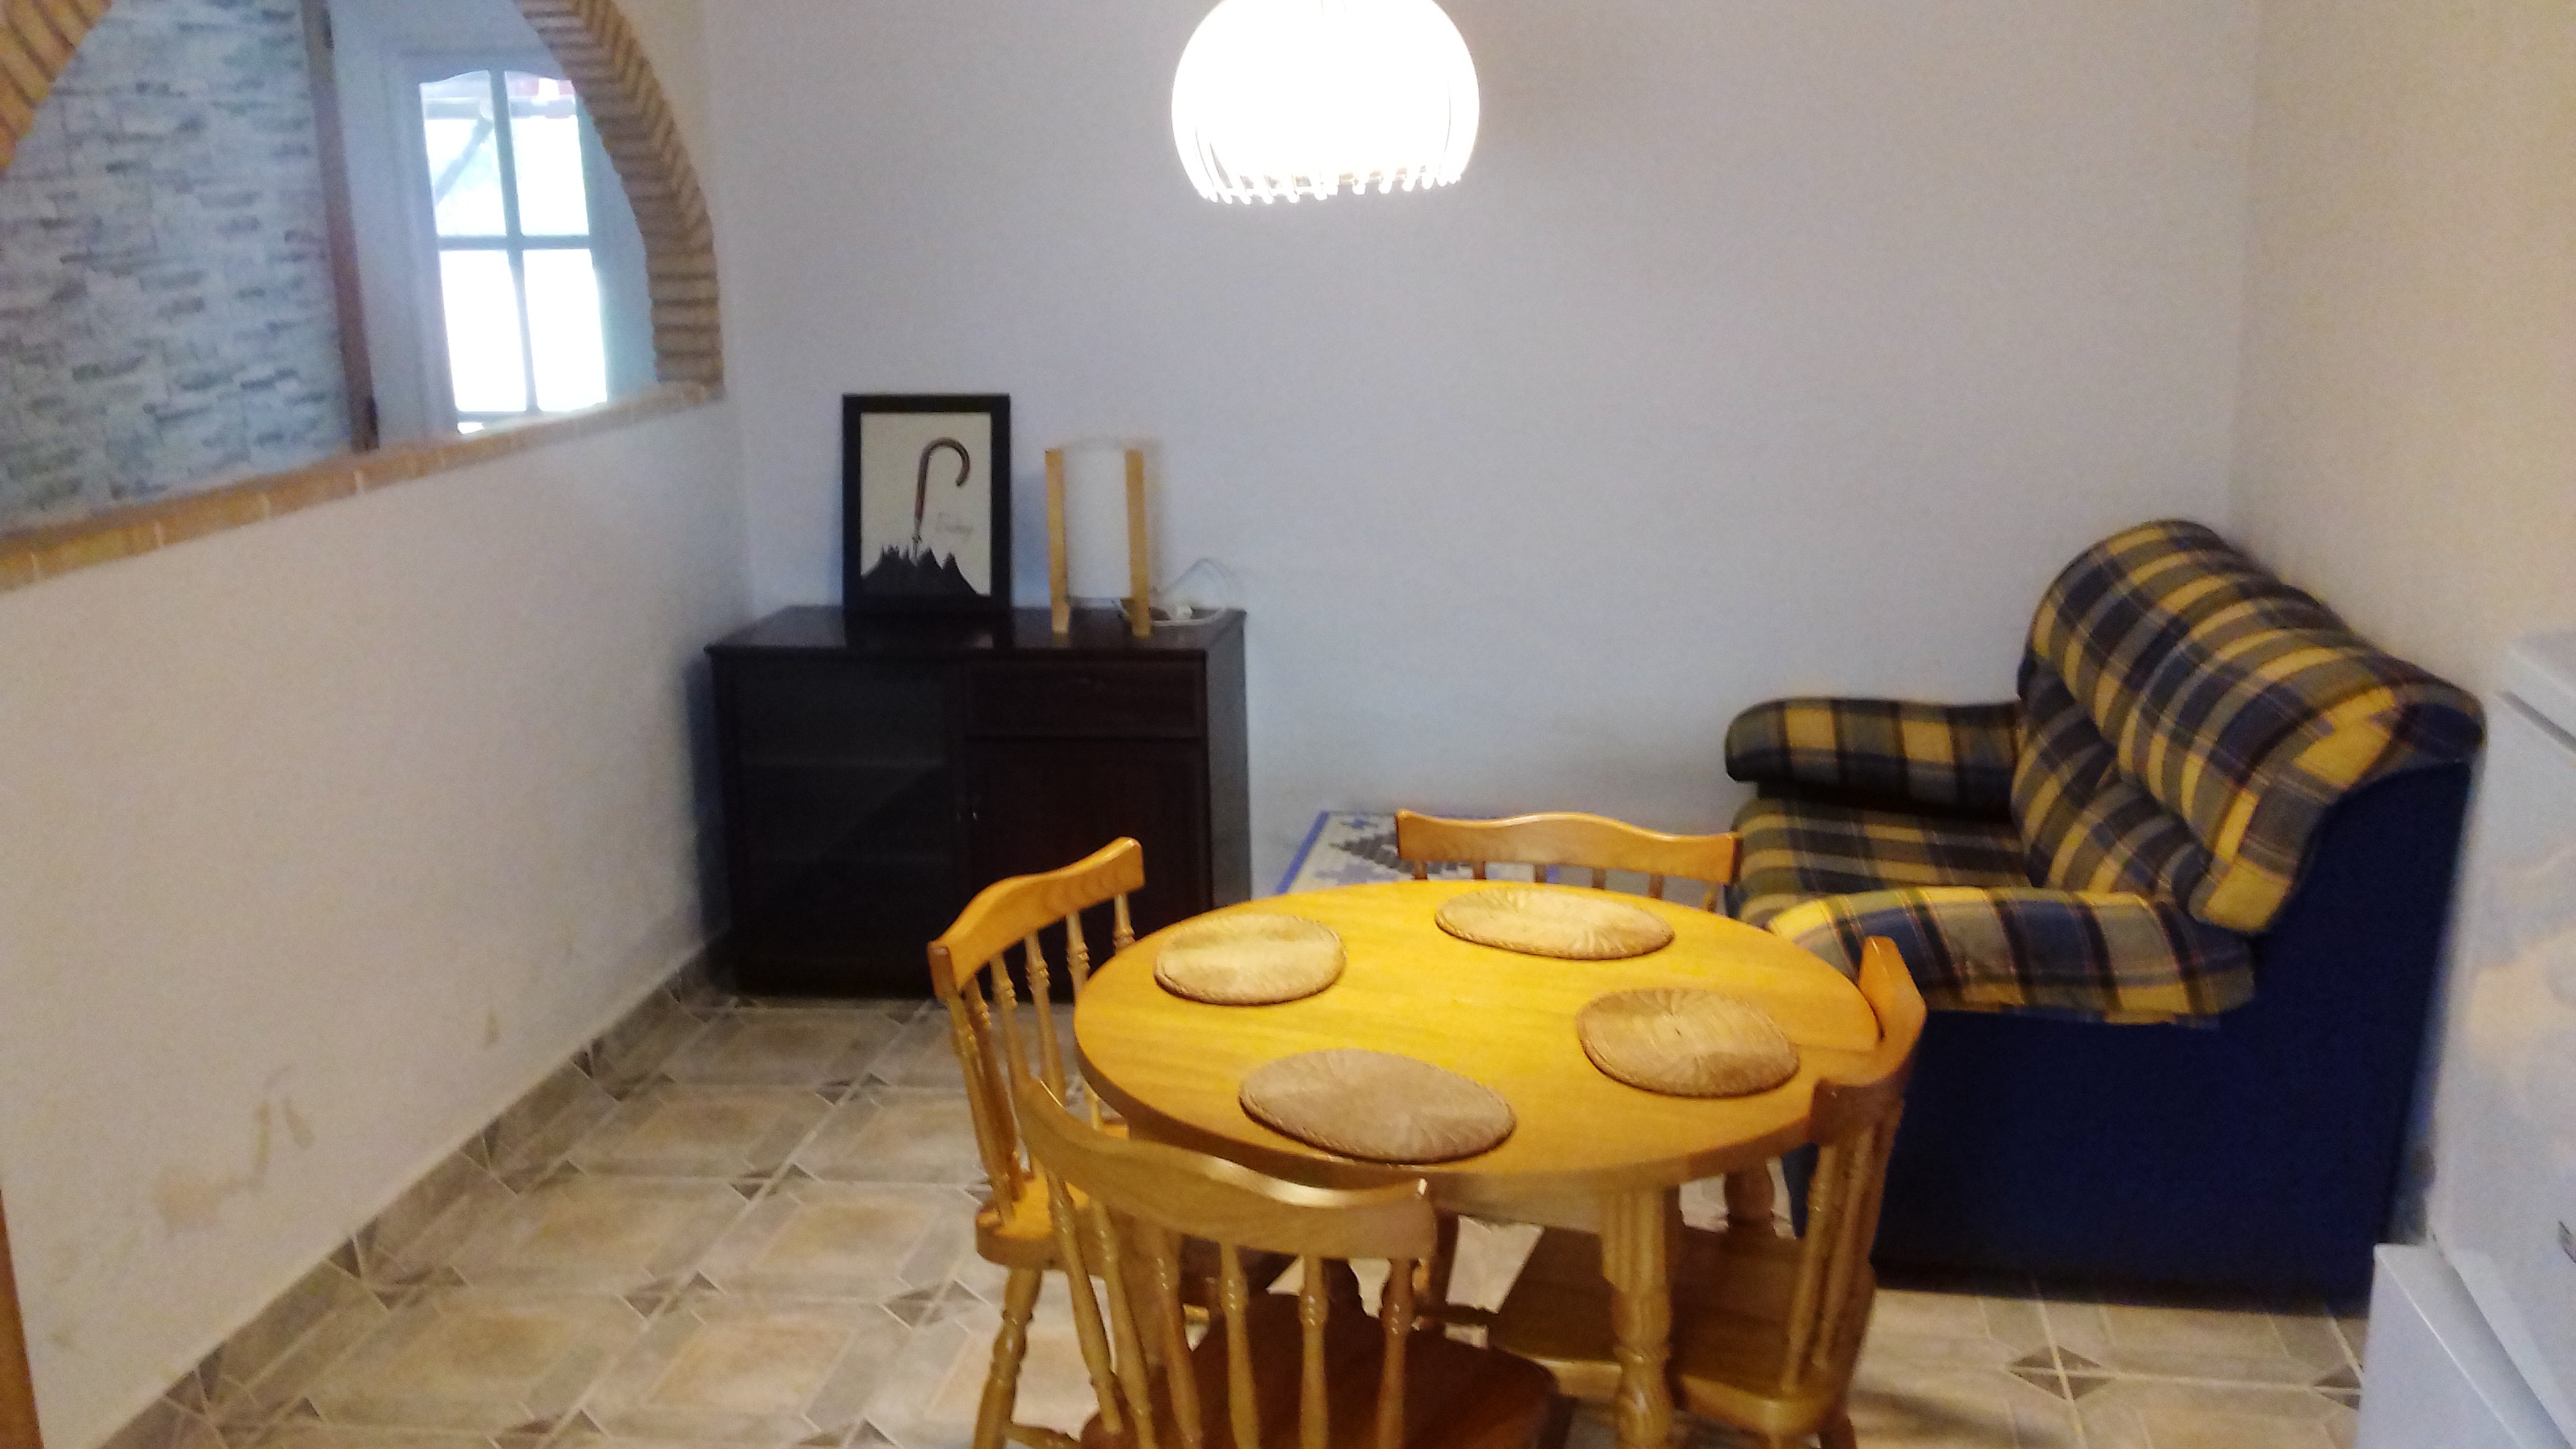 Appartement de vacances Wohnung mit 2 Schlafzimmern in Mazarrón mit toller Aussicht auf die Berge, privatem Pool,  (2632538), Mazarron, Costa Calida, Murcie, Espagne, image 40